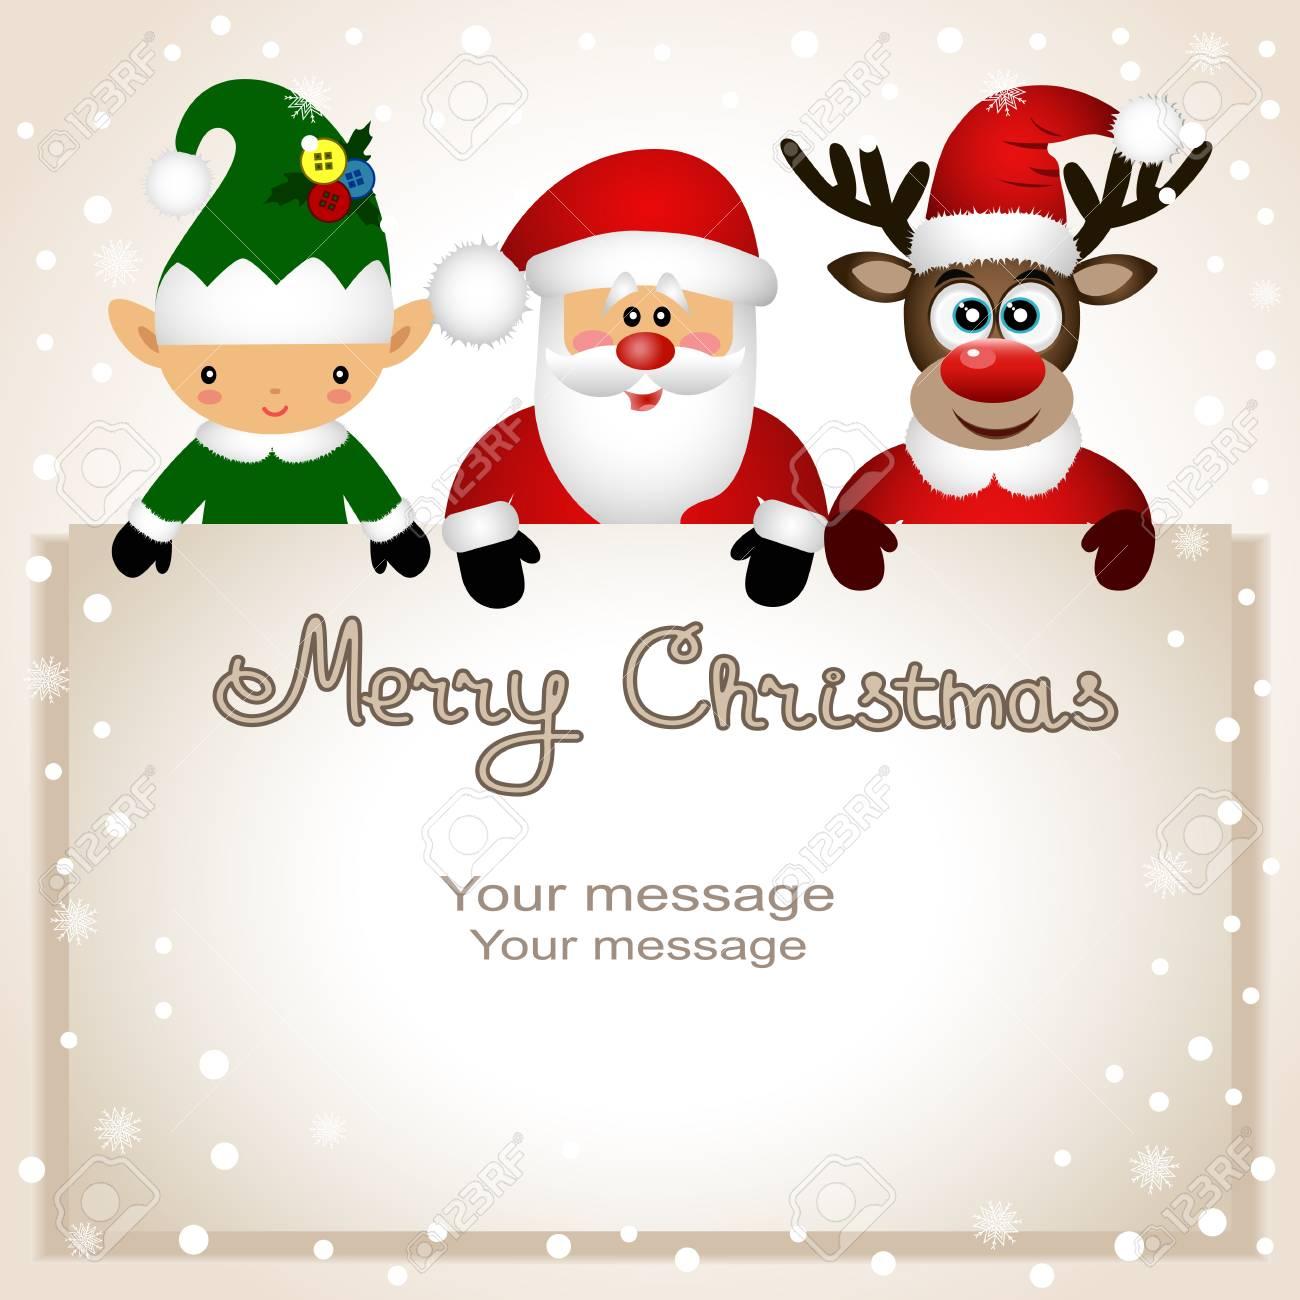 Christmas Card Funny Postcard With Christmas Elf Christmas Reindeer And Santa Vector Illustration